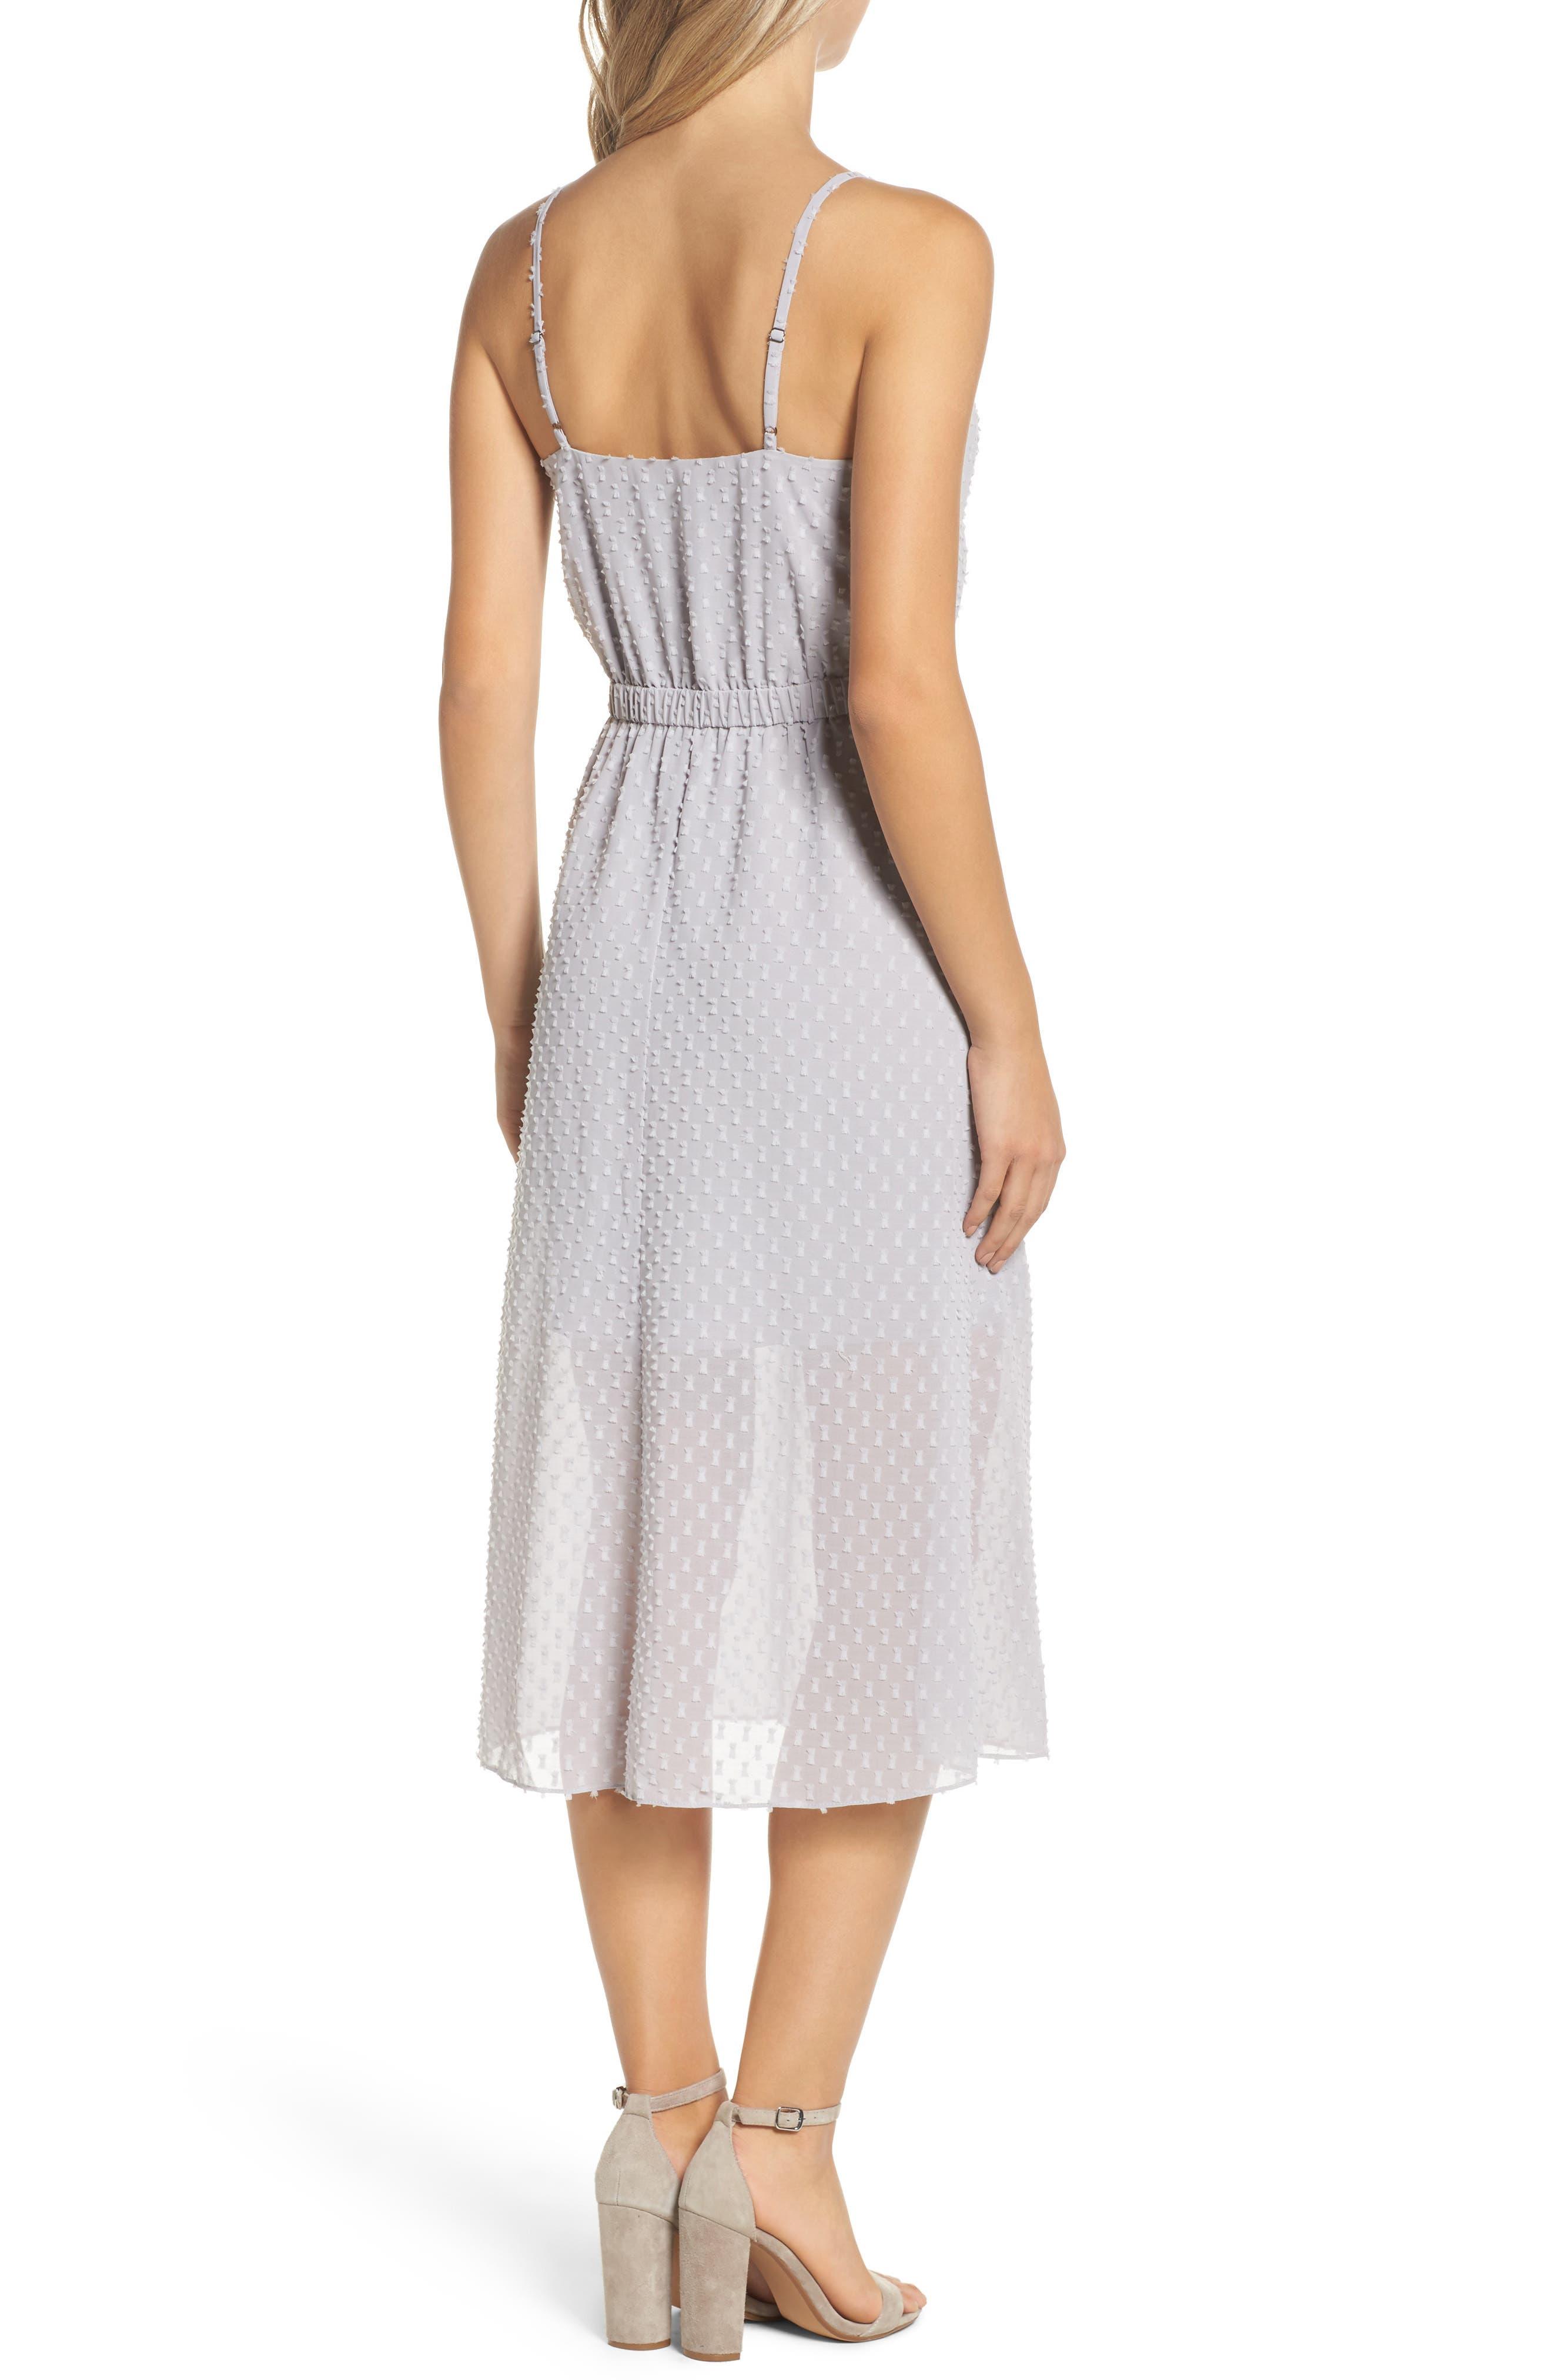 Bisou Bisou Midi Dress,                             Alternate thumbnail 2, color,                             020